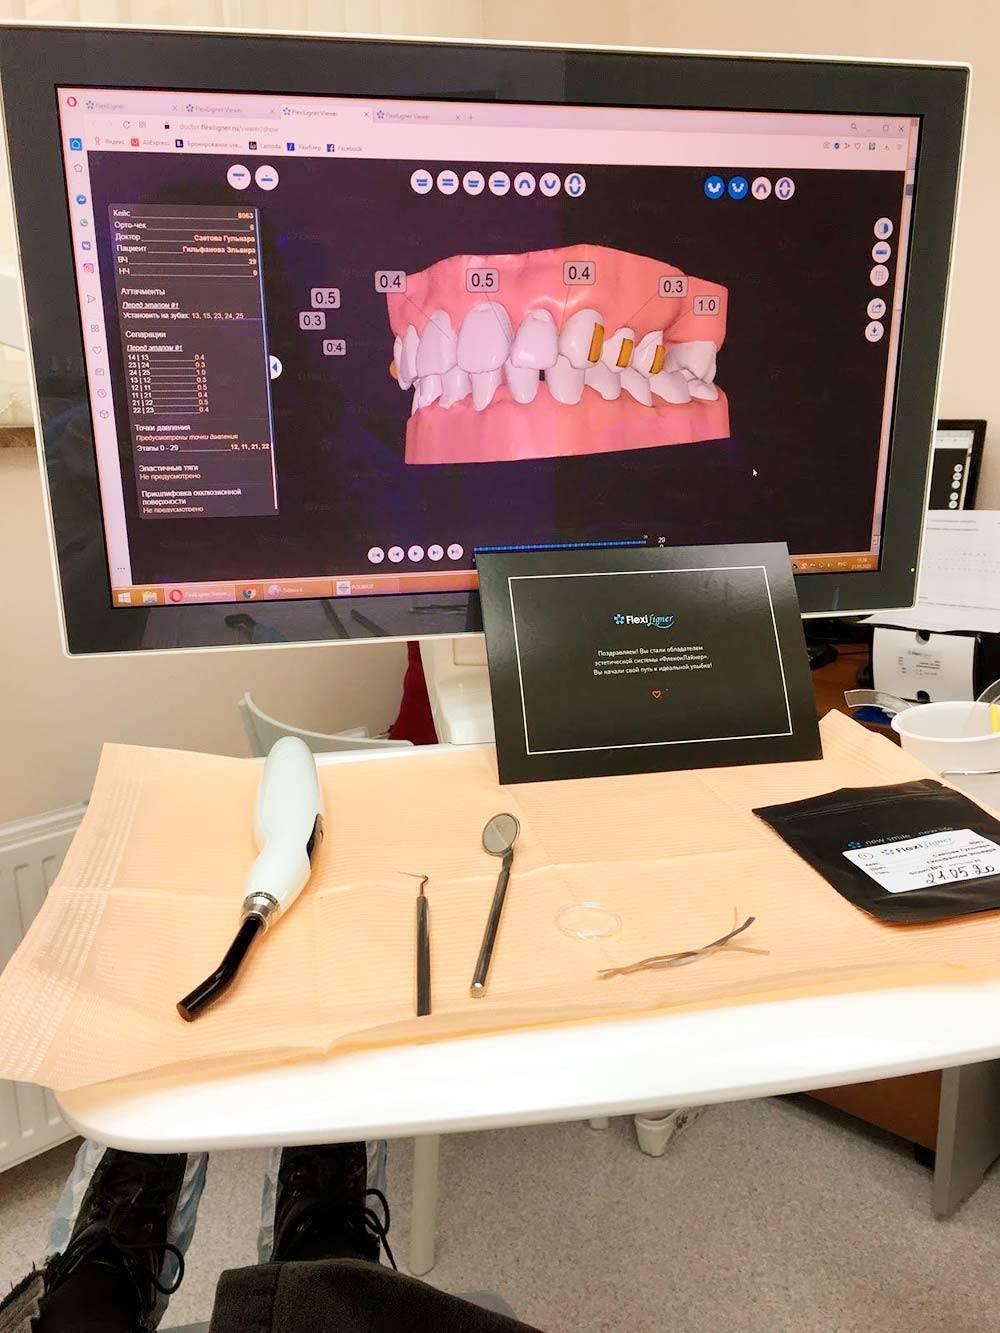 Тот самый сеанс первичной установки элайнеров. Оранжевые прямоугольники на зубах, отображаемые на мониторе, — аттачменты. Вреальности они изпрозрачного пломбировочного материала